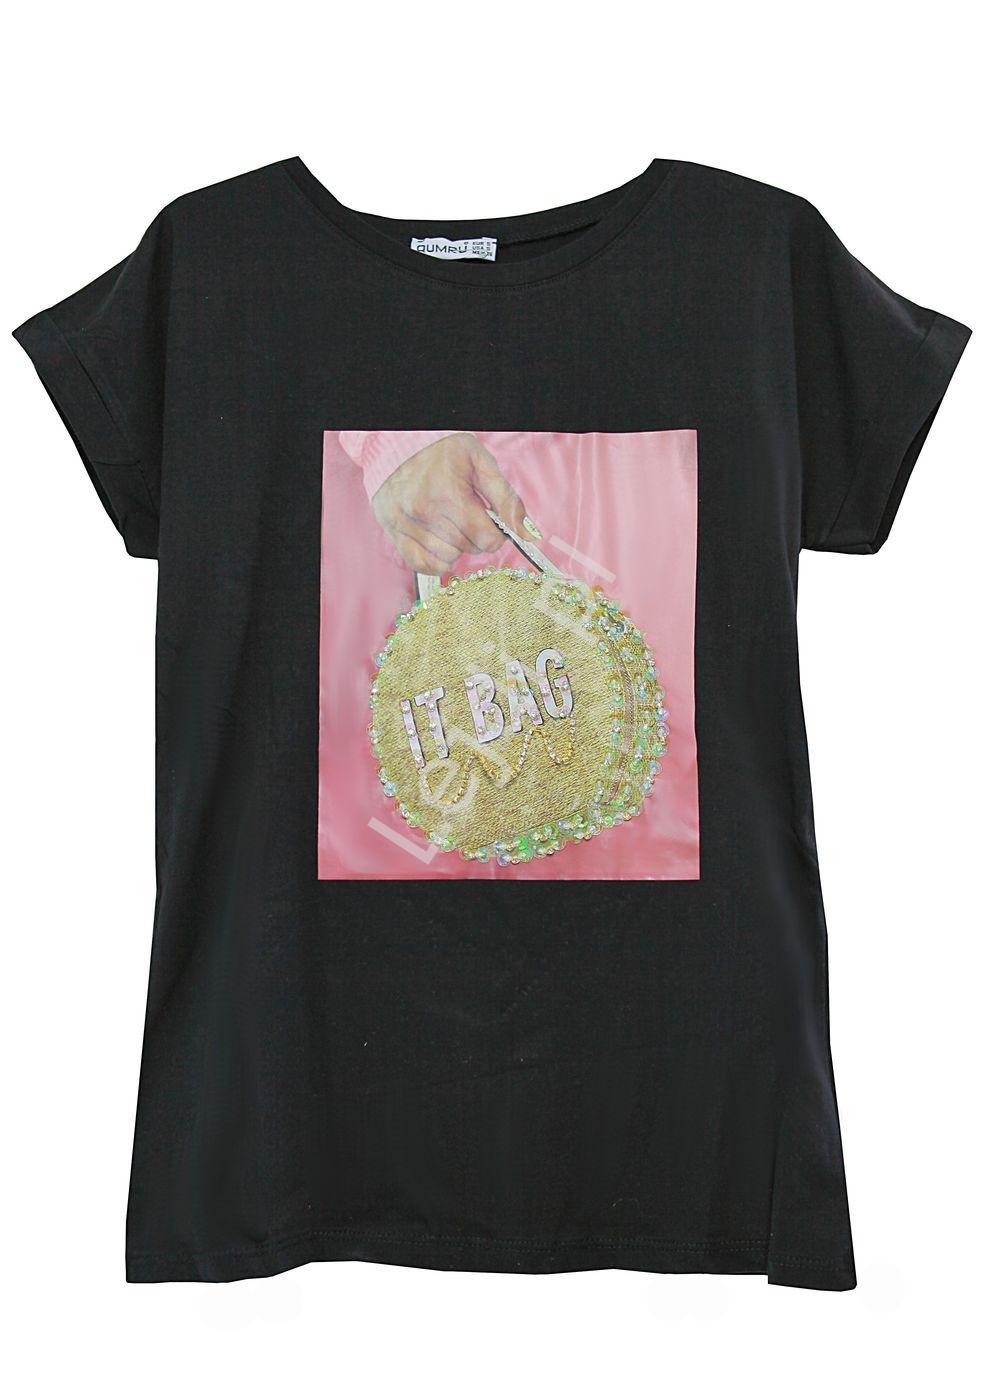 Bawełniana koszulka damska z zdobiona torebką- It Bag - Lejdi